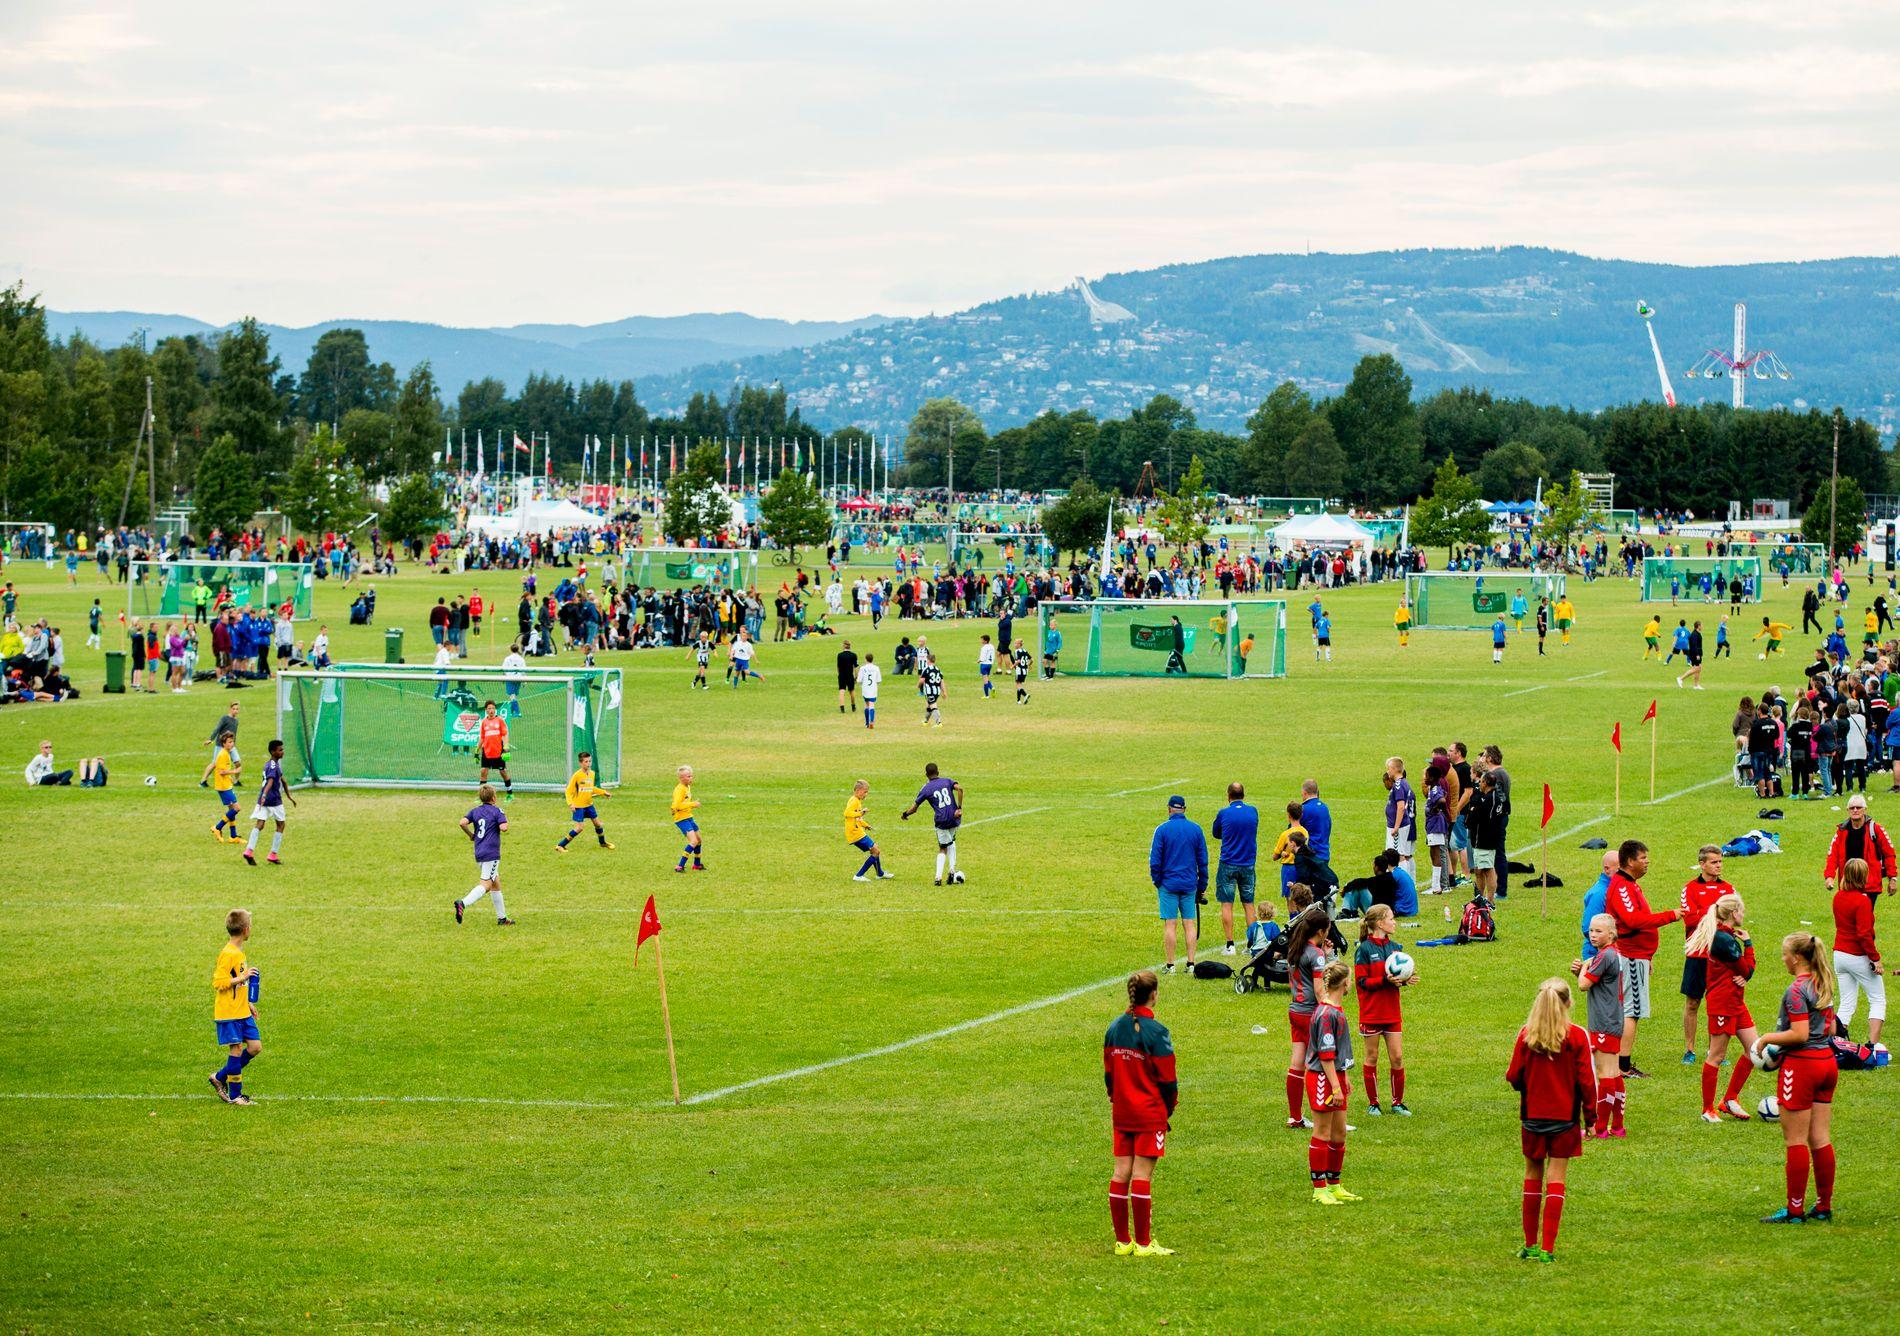 ANMELDT: Flere gutter er anmeldt etter beføling på Norway Cup.